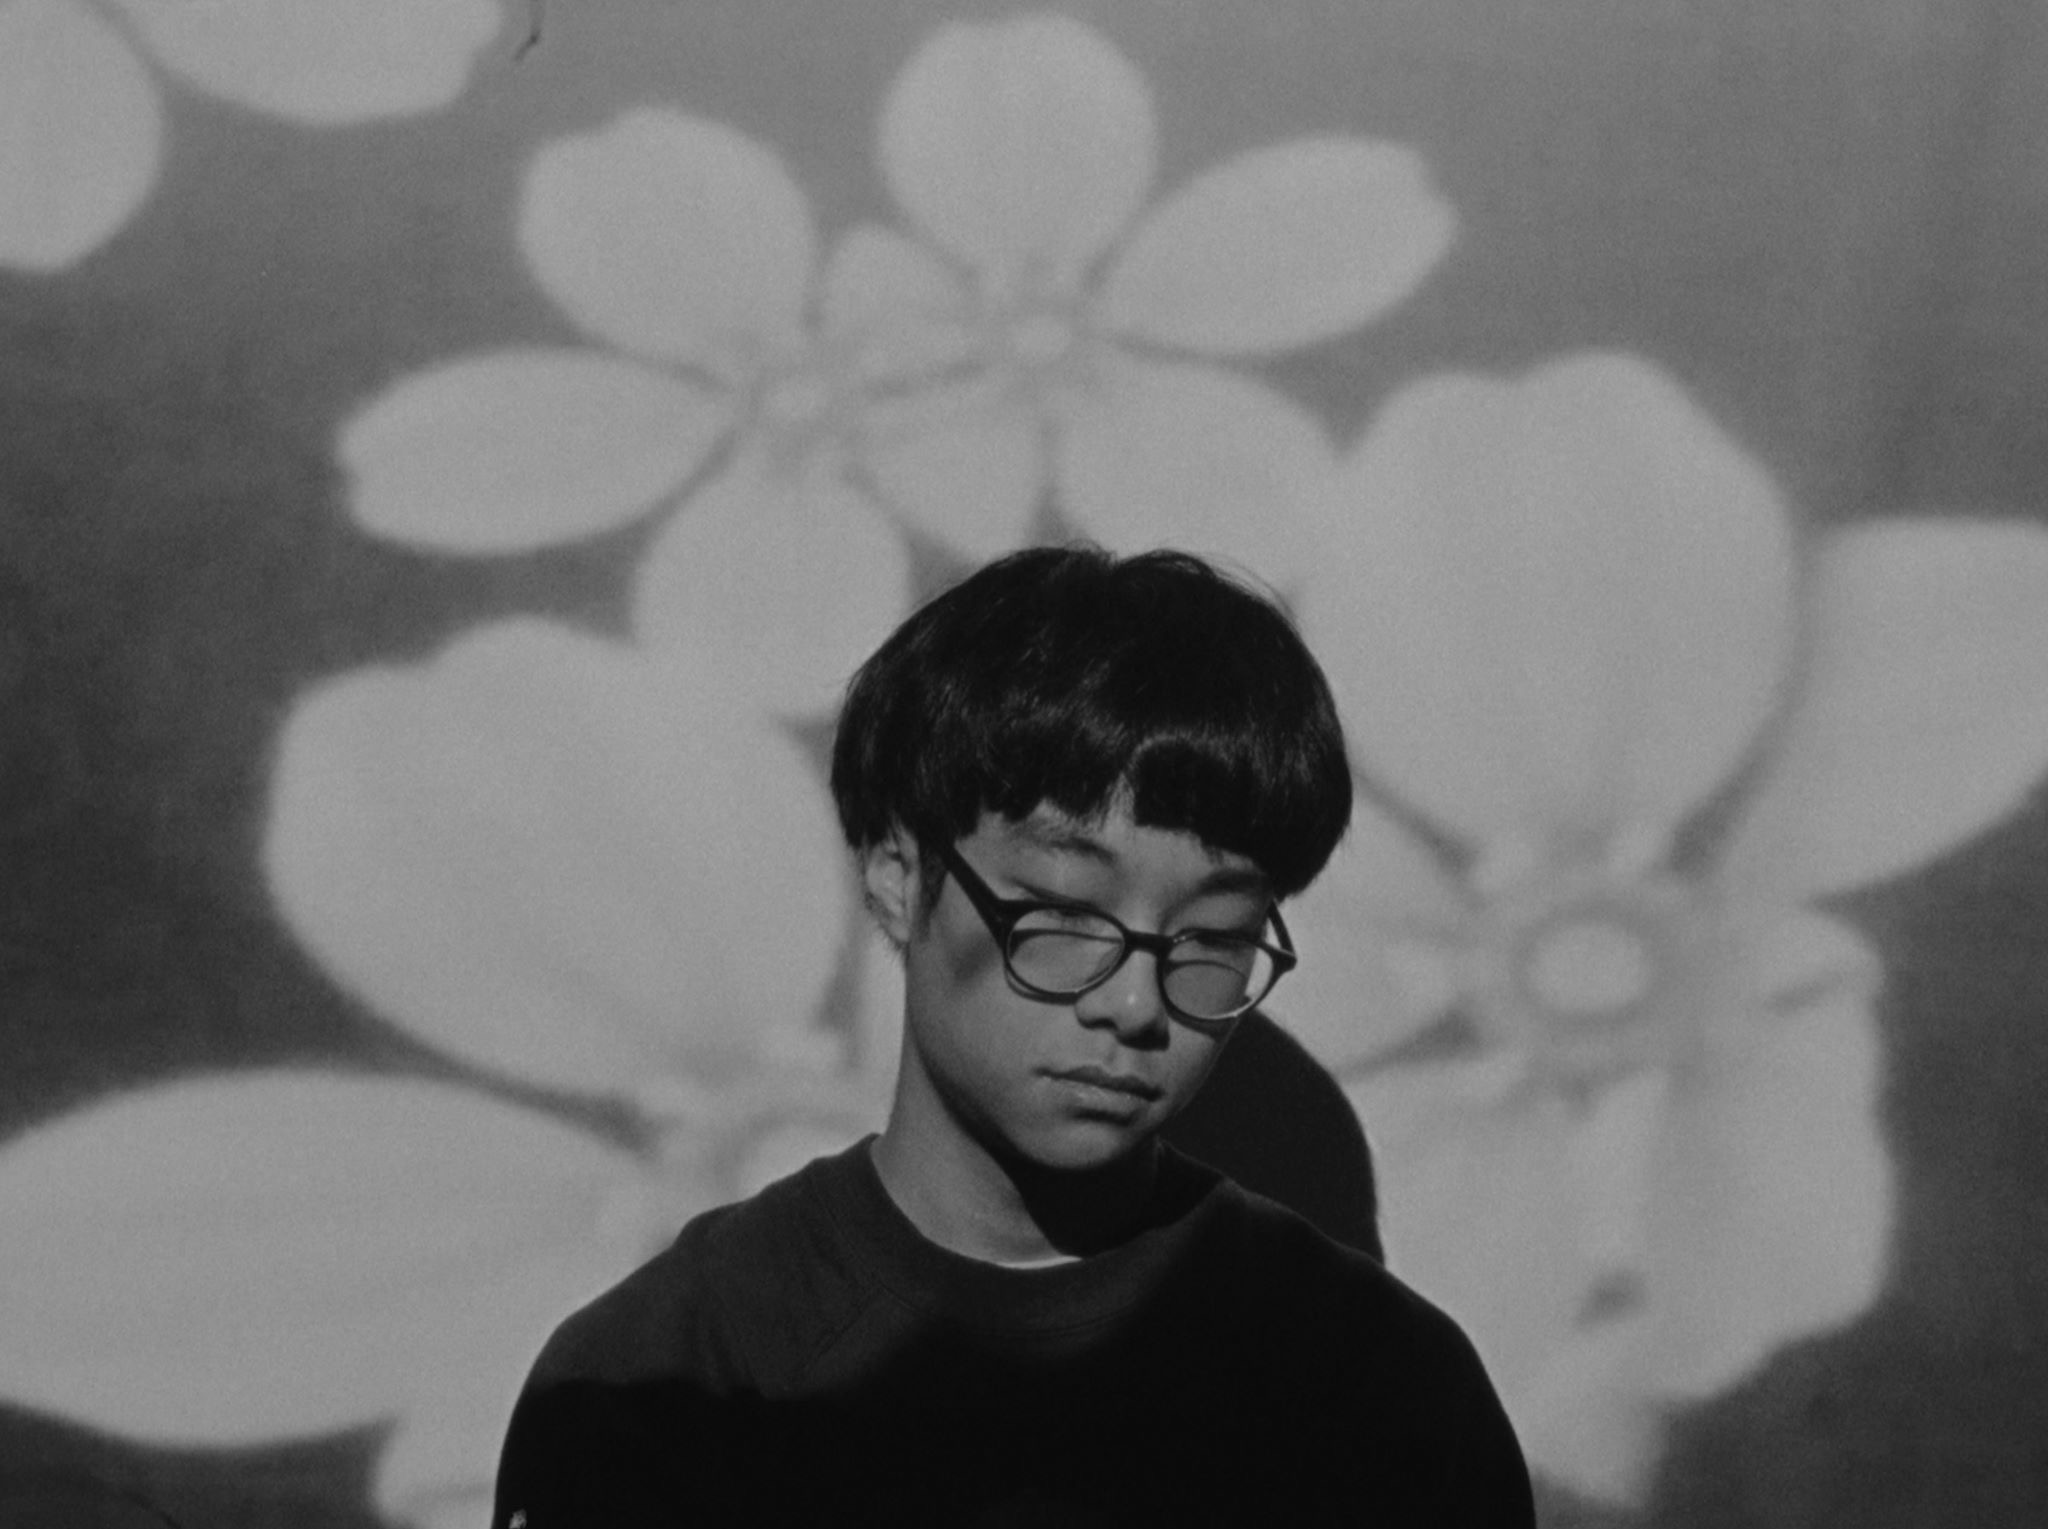 Allen Jiang